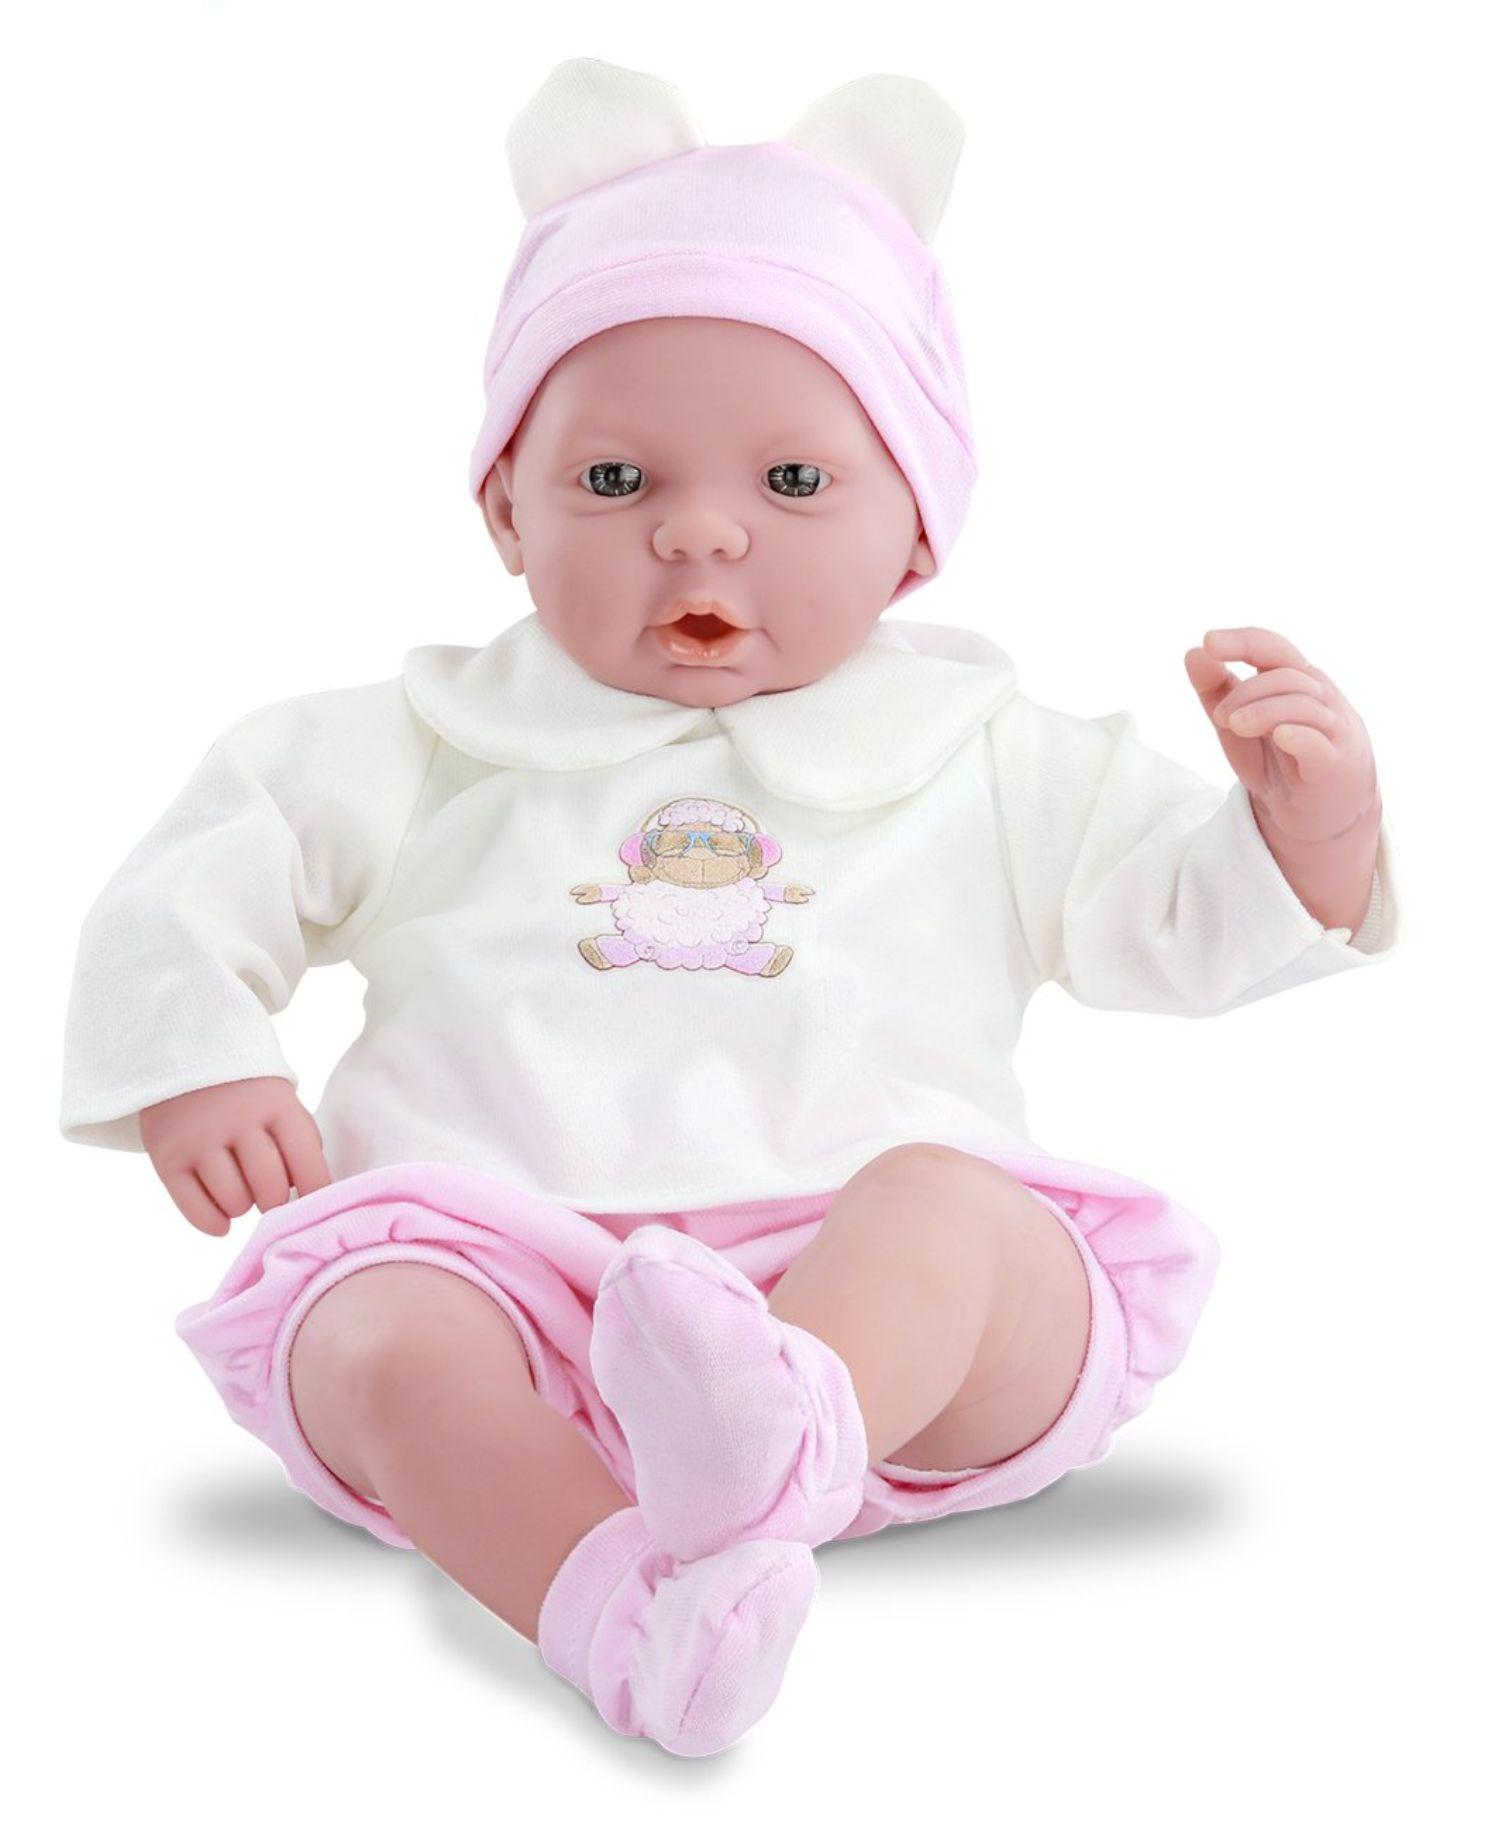 Boneca Bebê Real - Choro Mágico - Com Acessórios - Roma Brinquedos